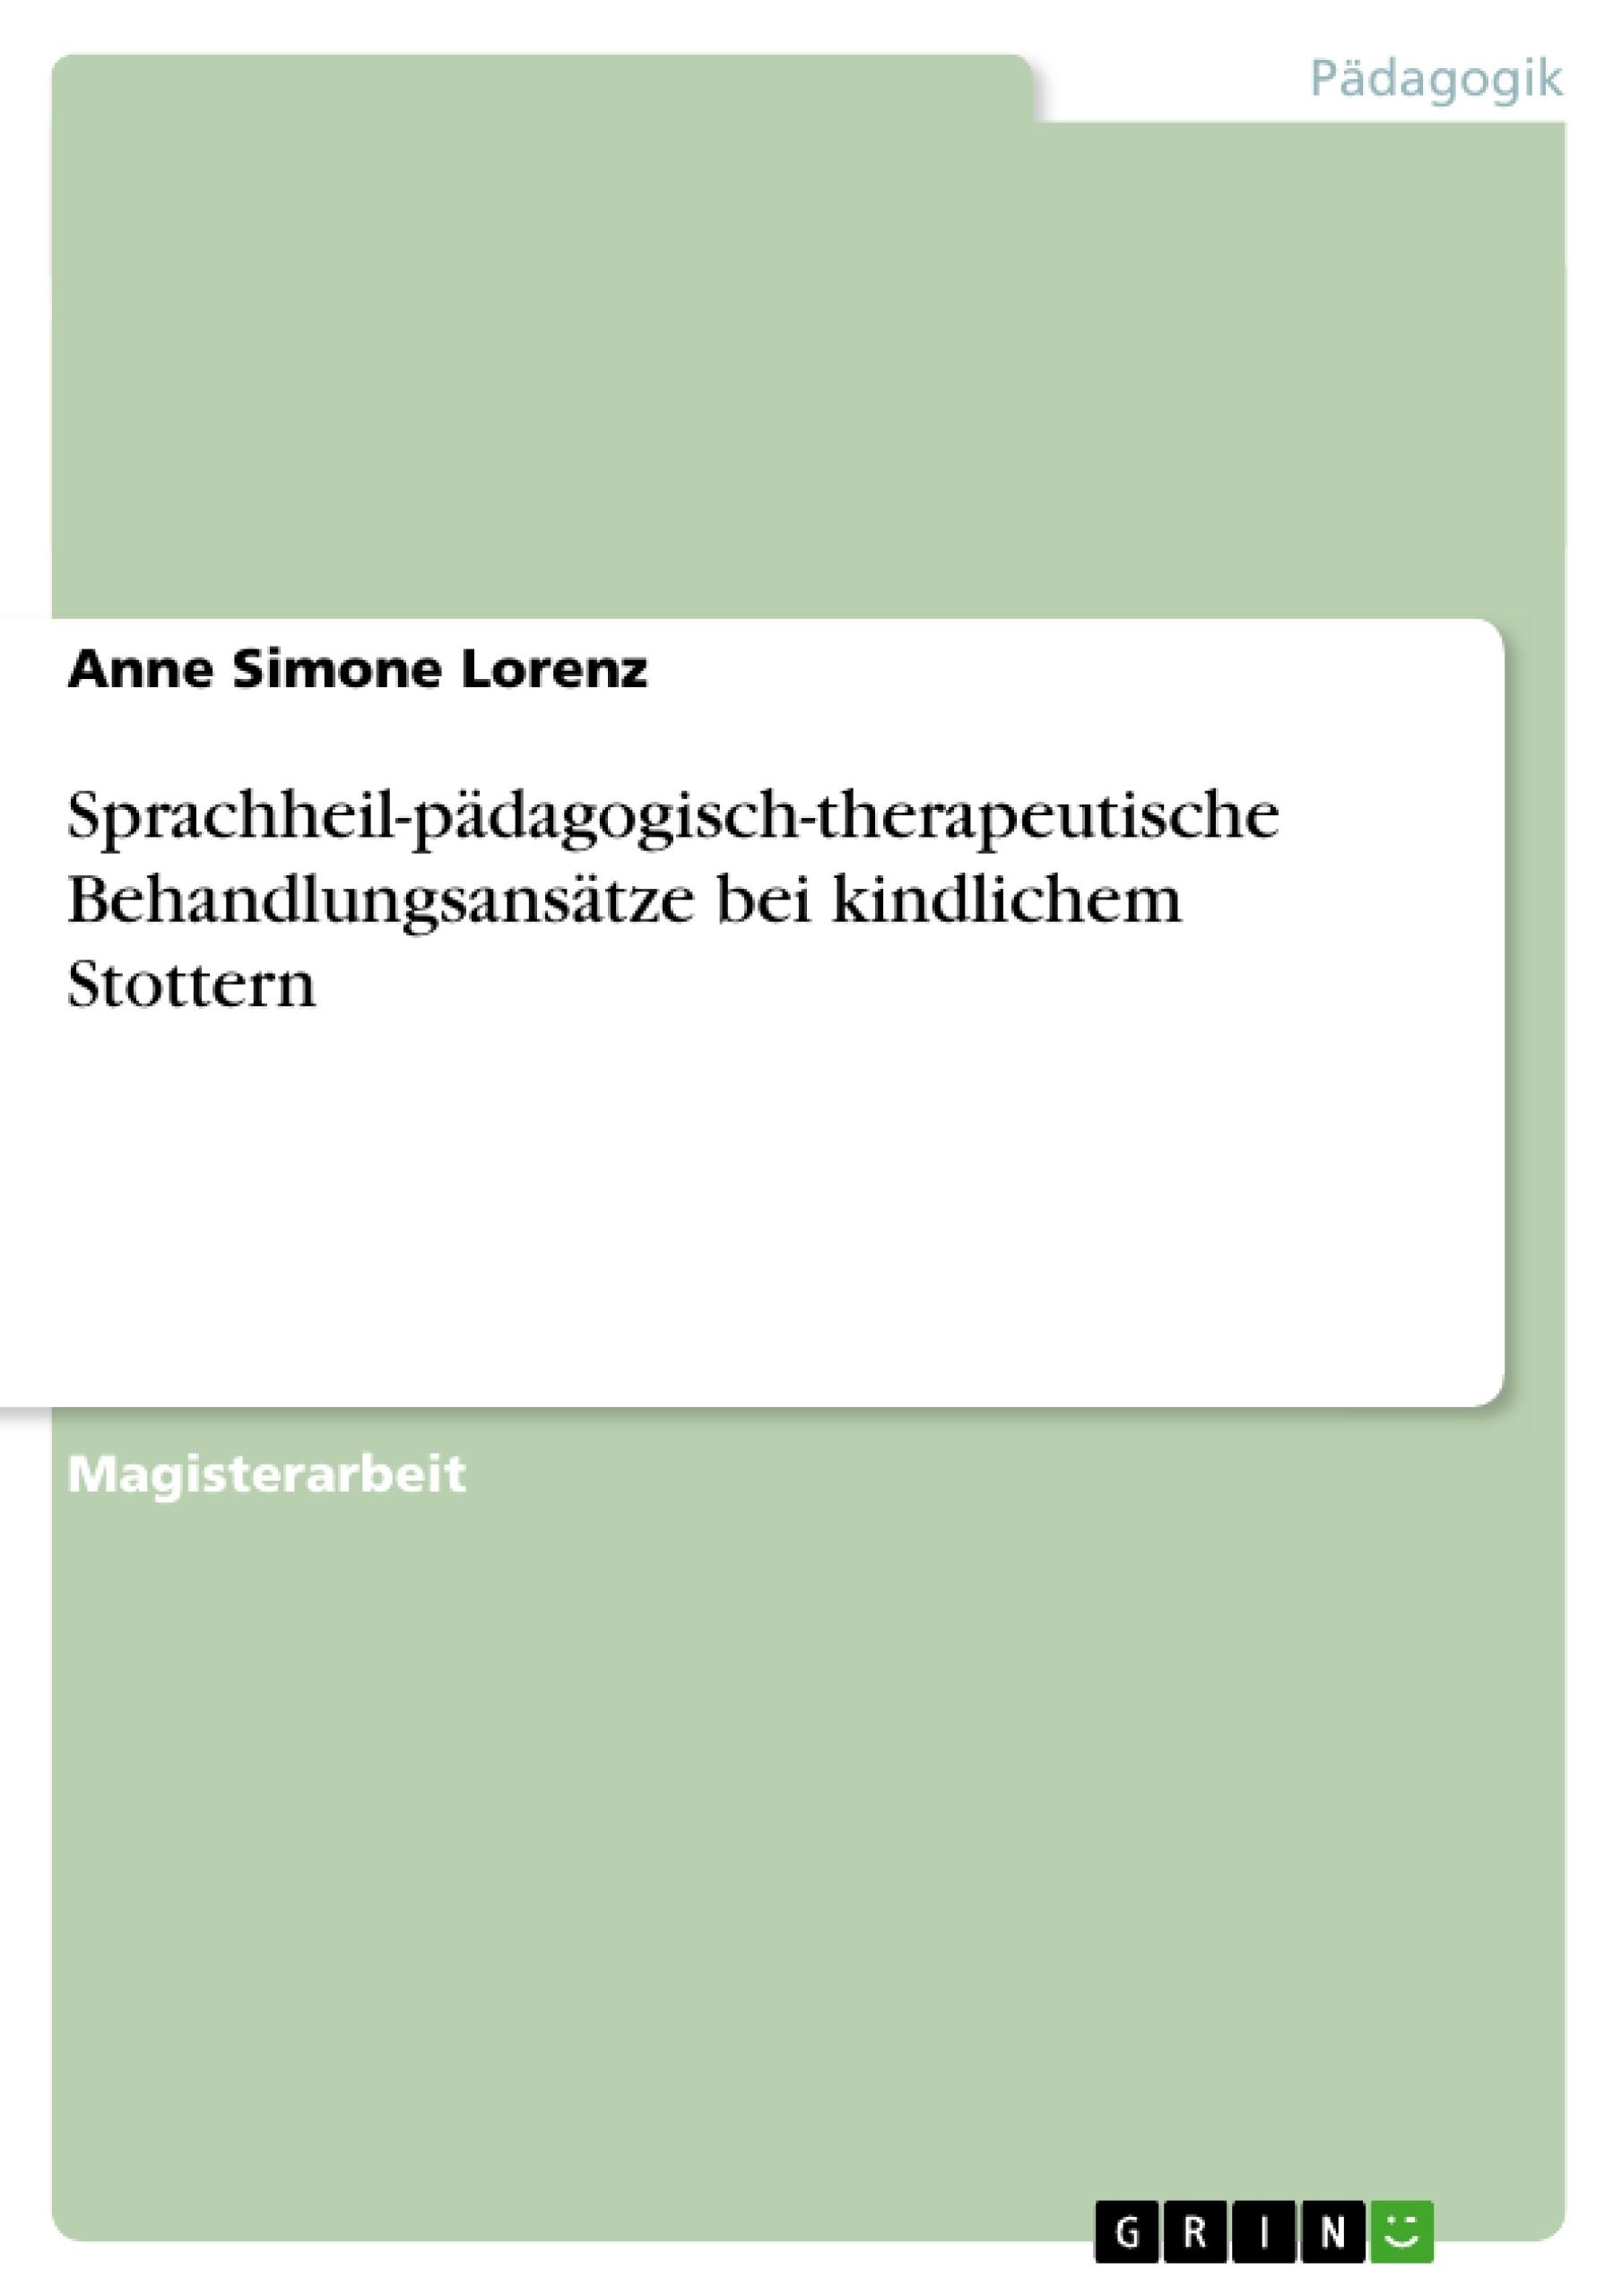 Titel: Sprachheil-pädagogisch-therapeutische Behandlungsansätze bei kindlichem Stottern